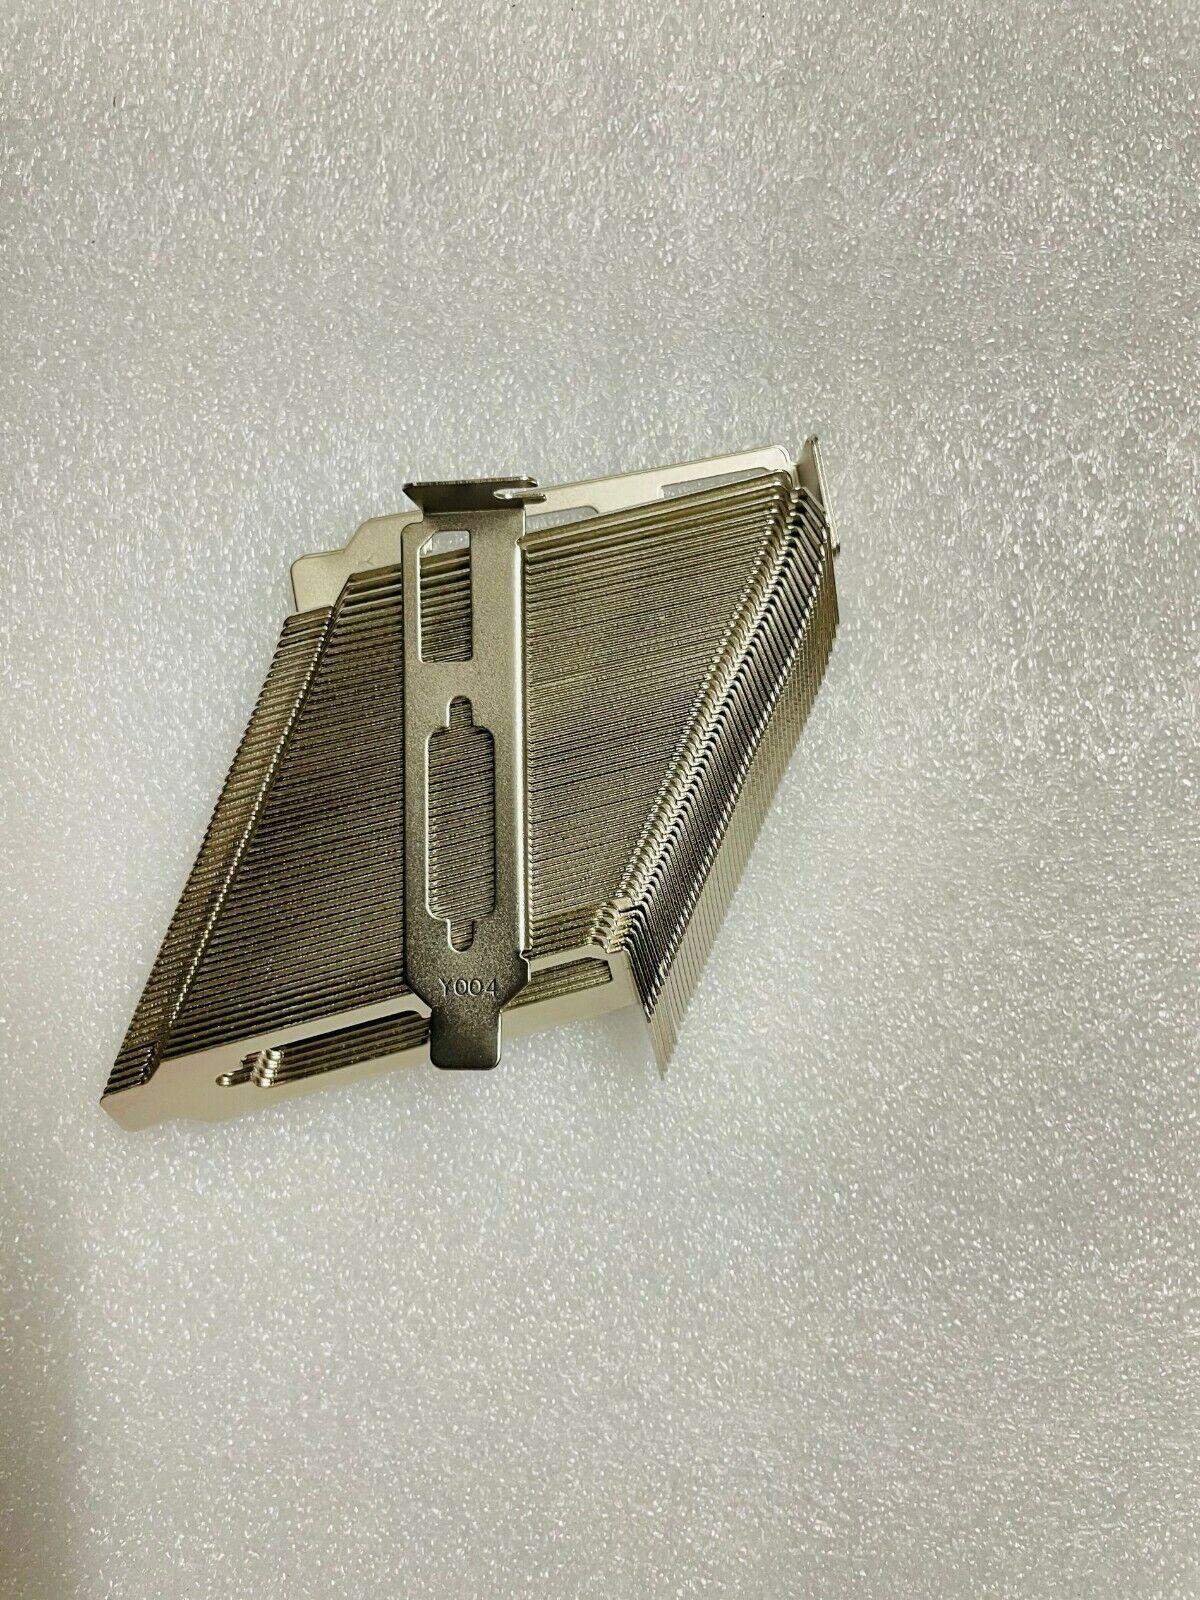 50PCS Low Height Bracket for Nvidia Quadro Q410 K620 K600 K420 Video Card